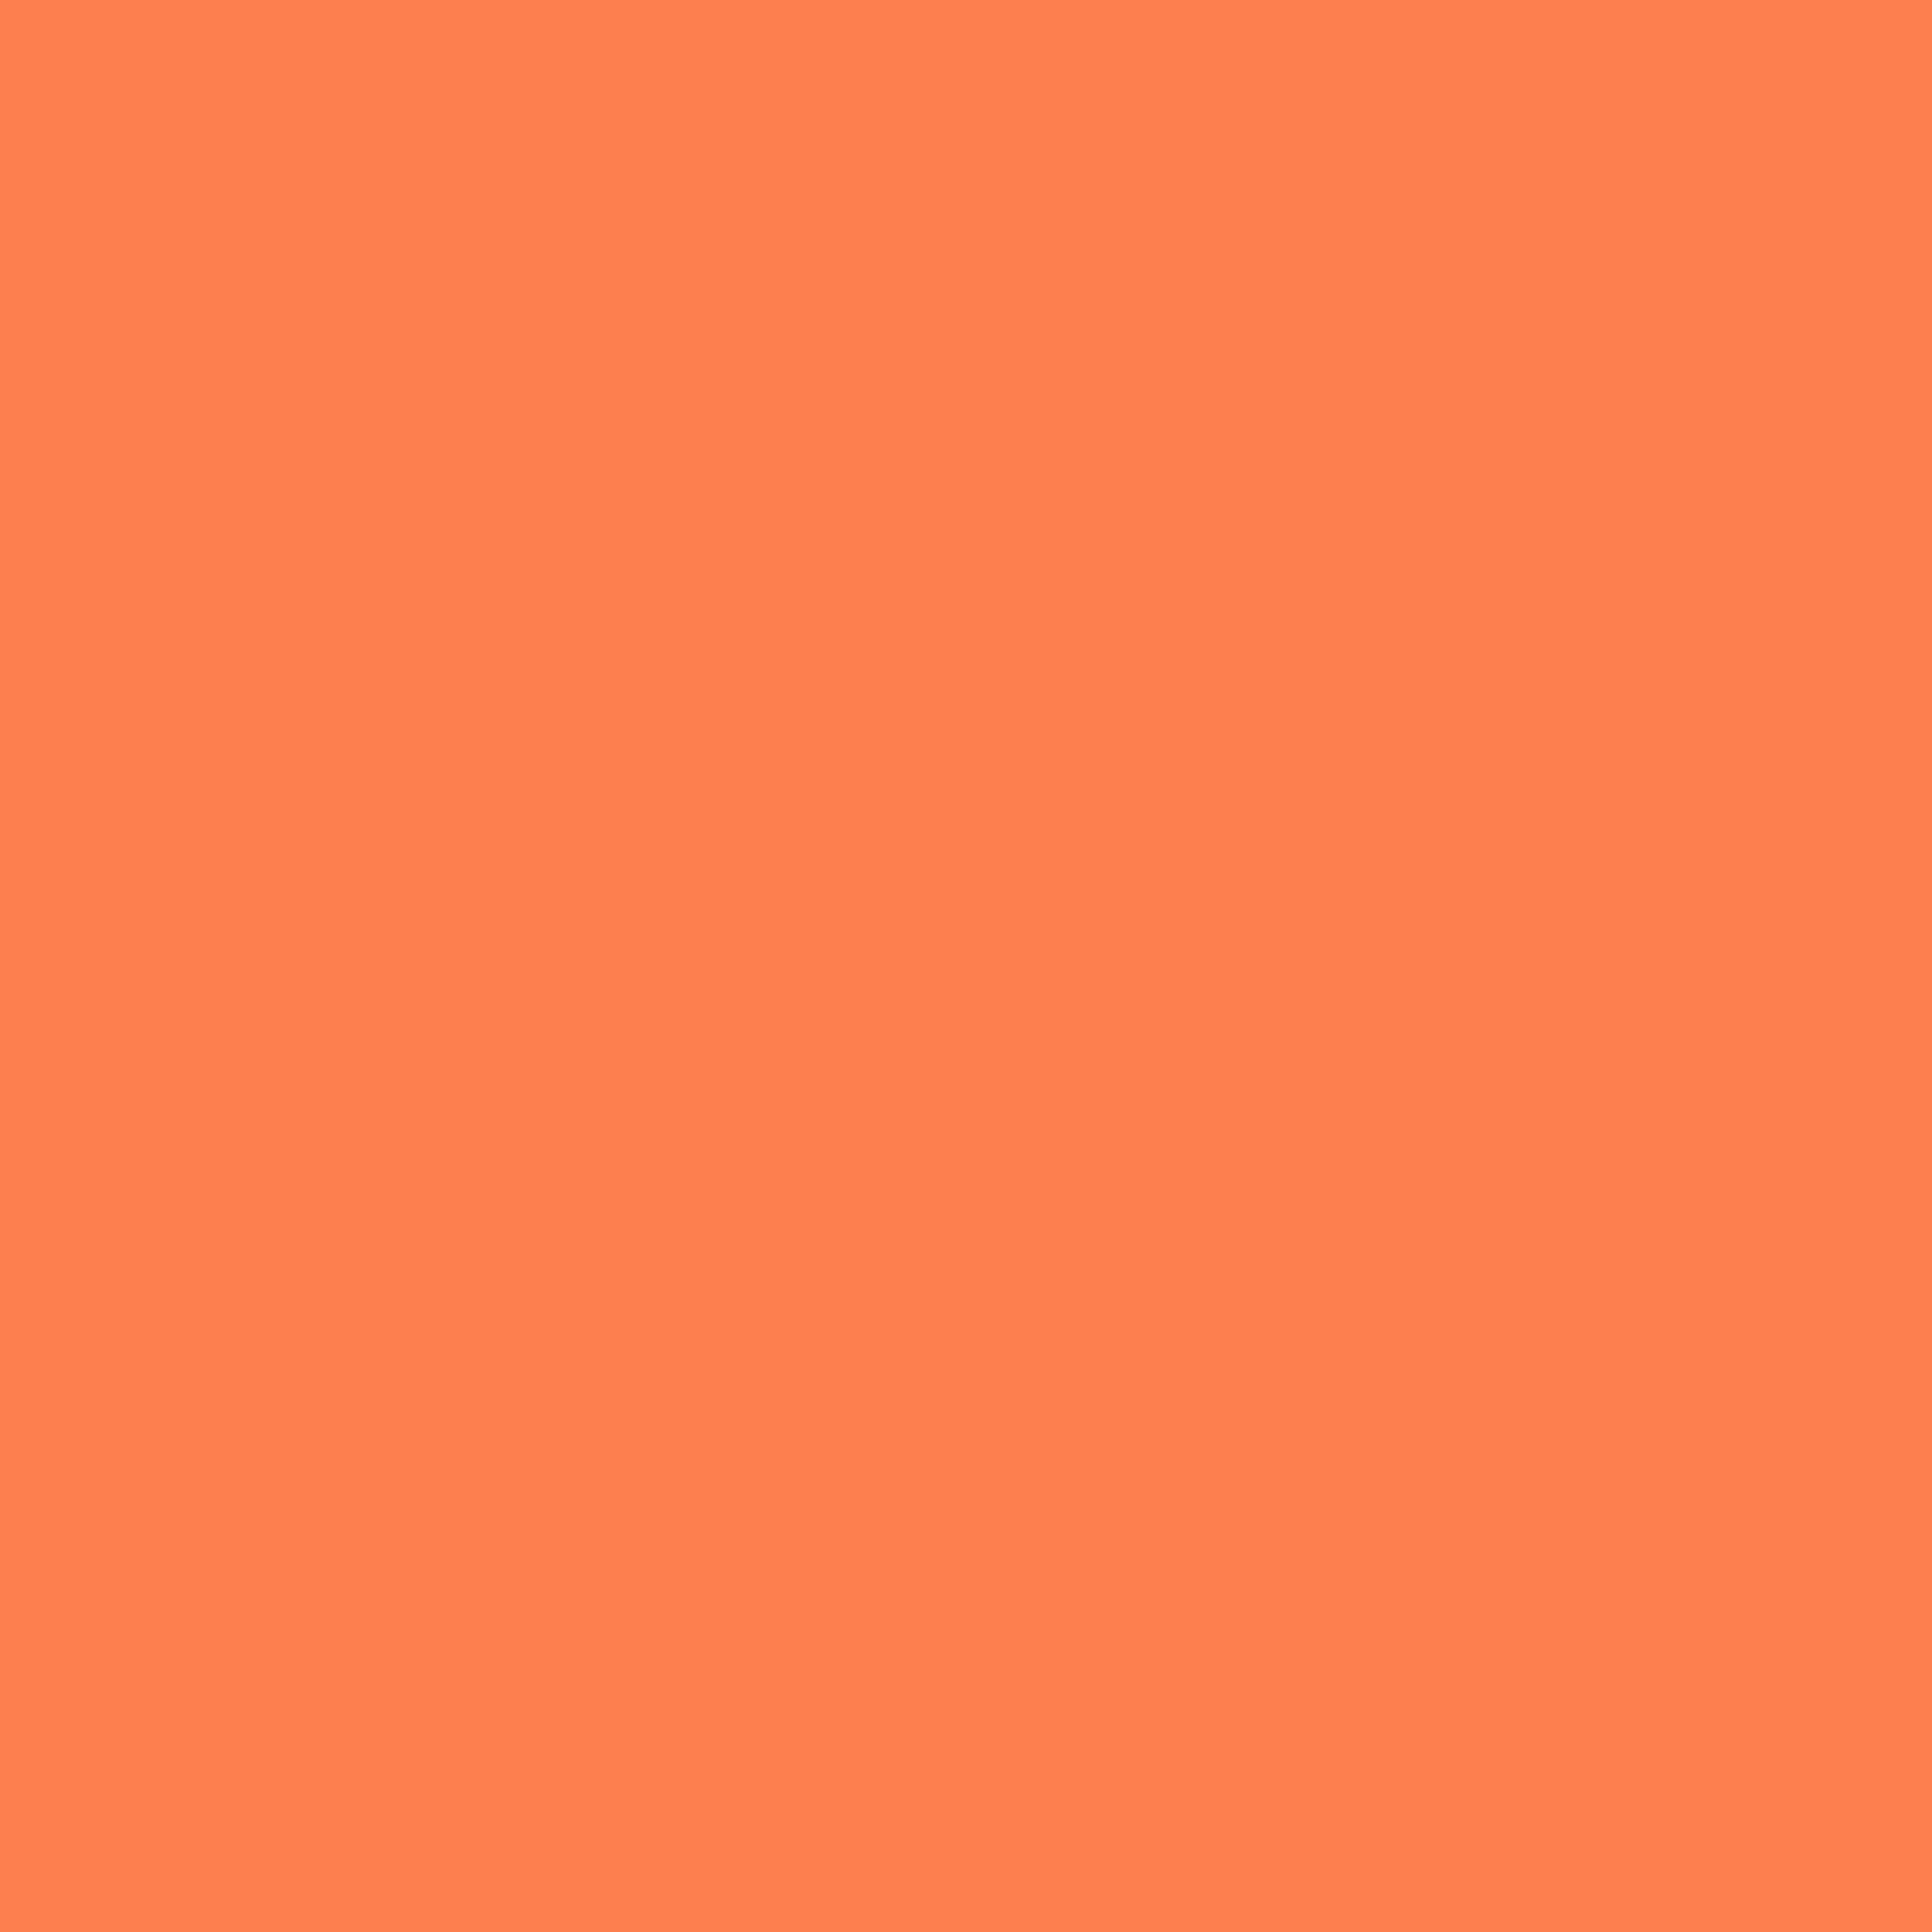 Orange, Surf